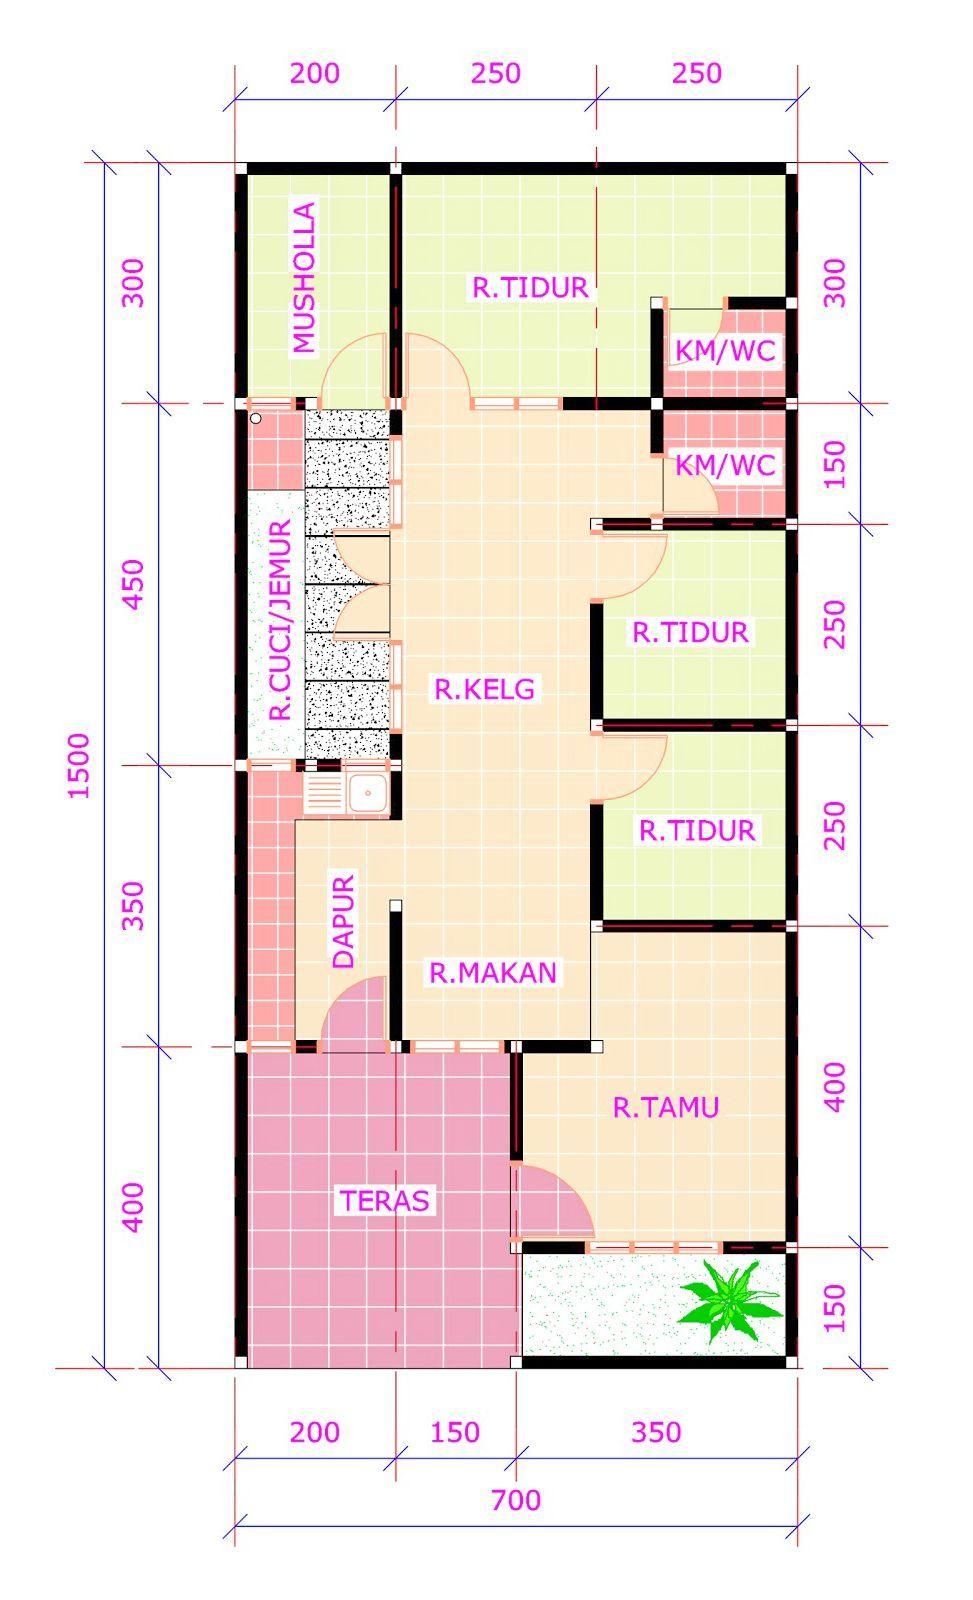 Denah Rumah 7x15 : denah, rumah, Denahose:, Model, Denah, Rumah, Ukuran, Kamar